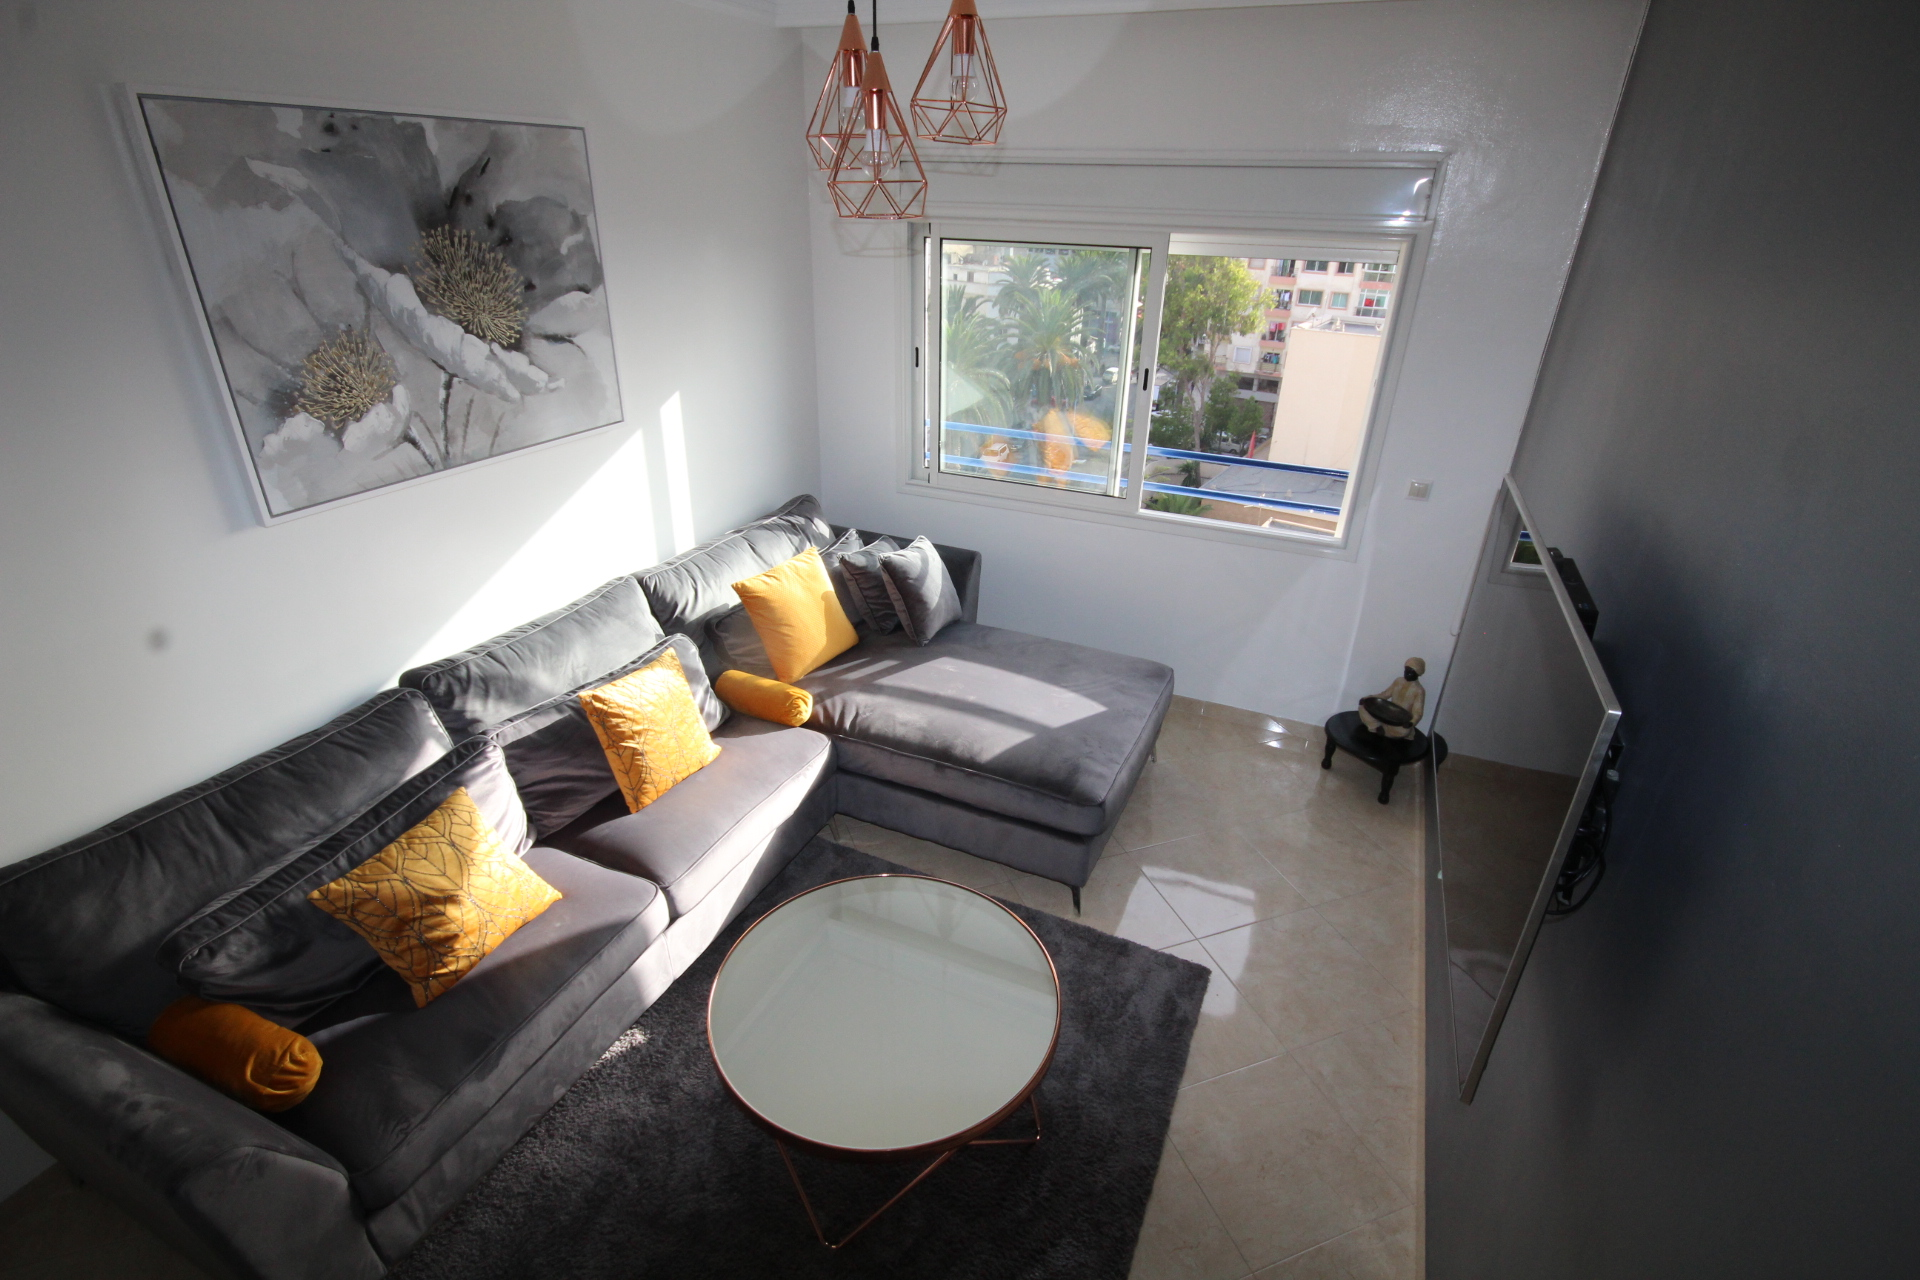 Maroc, Casablanca, Bourgogne à saisir appartement chic de 2 chambres à petit prix